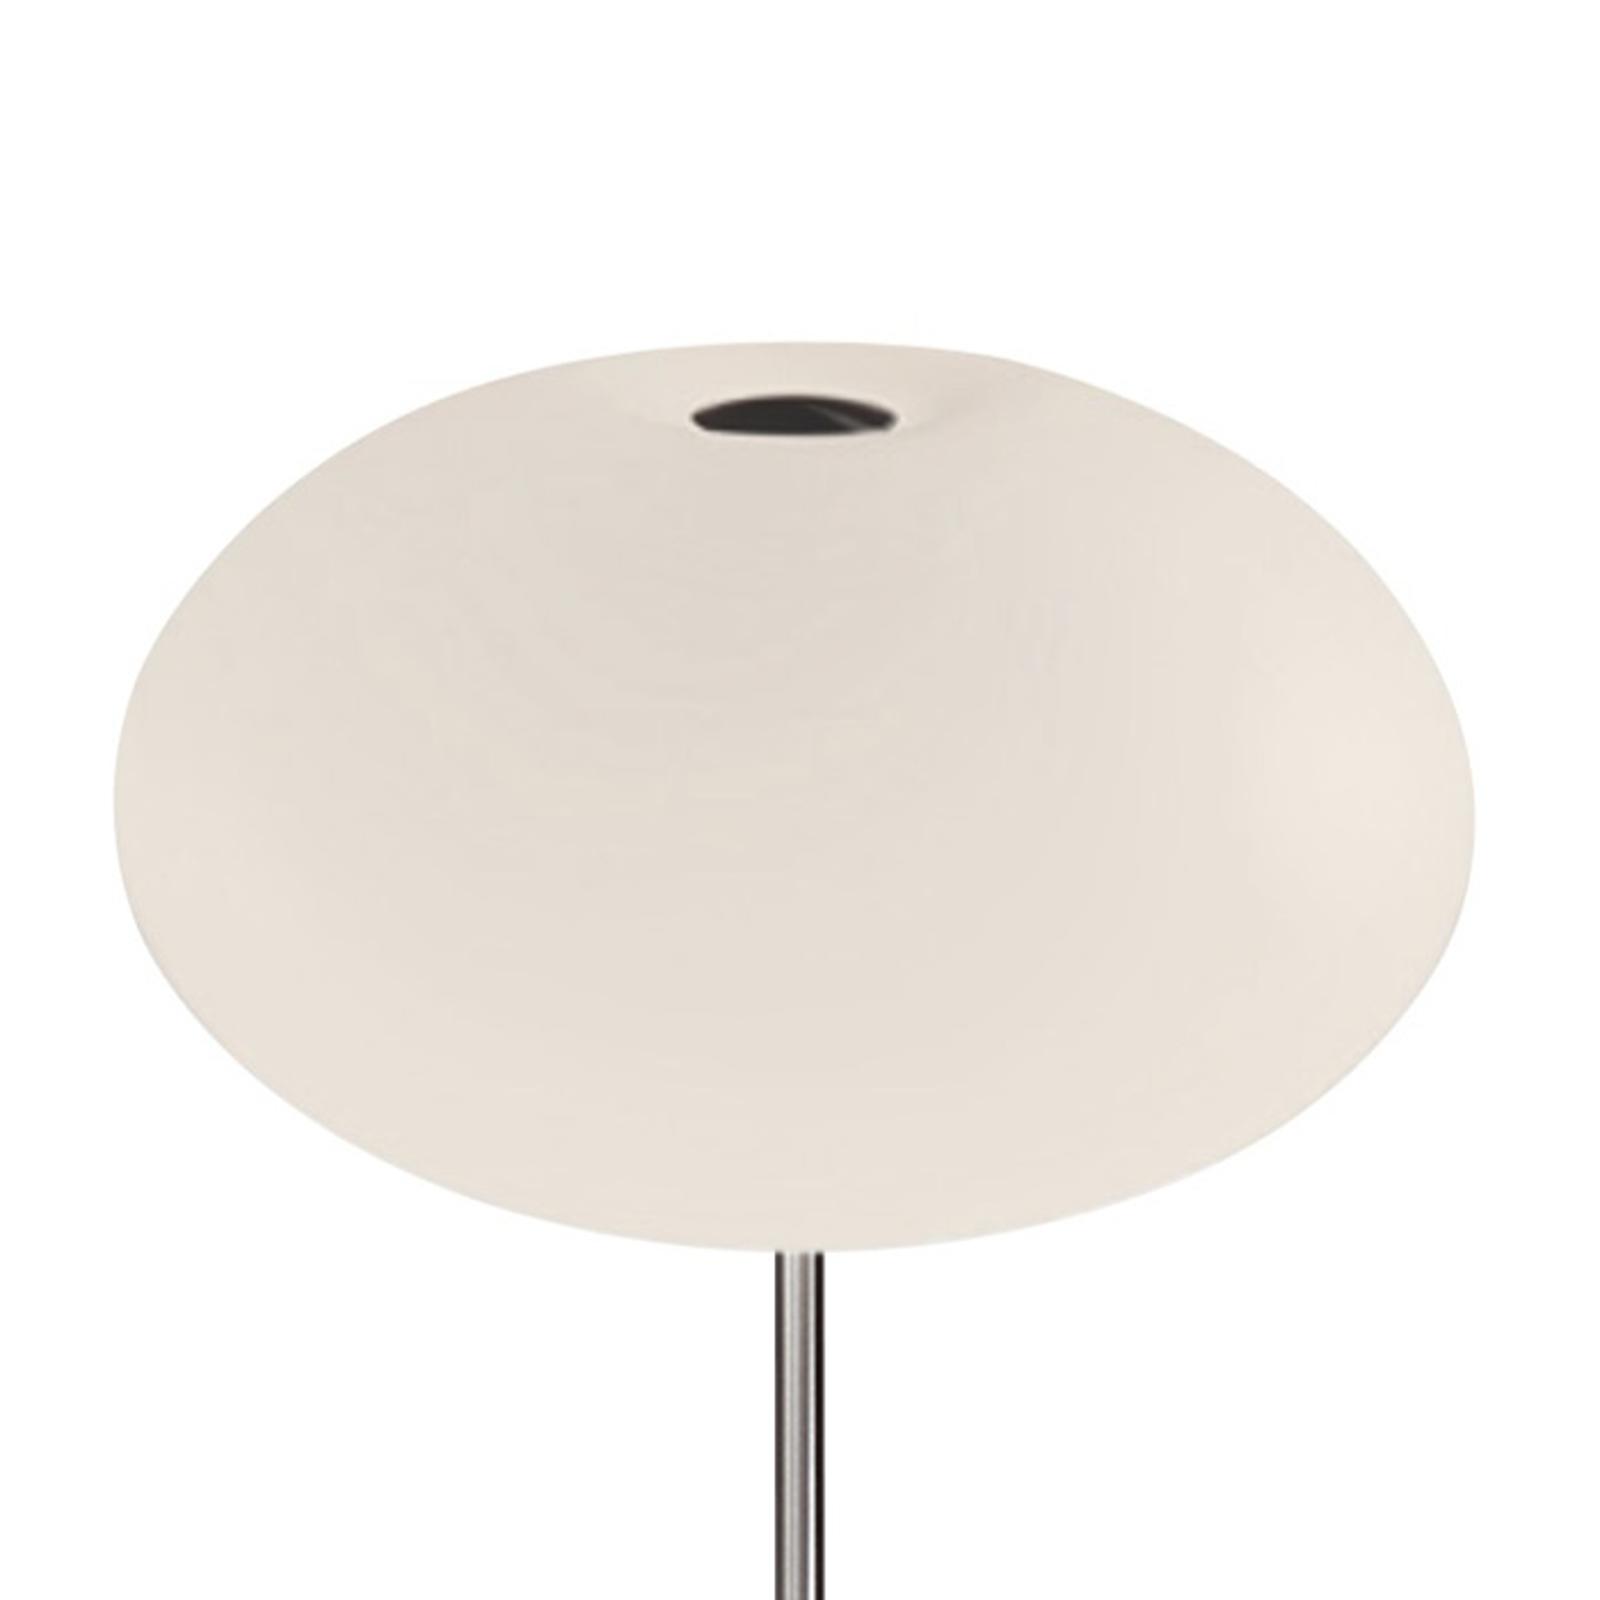 Casablanca Aih tafellamp, Ø 28cm crème mat